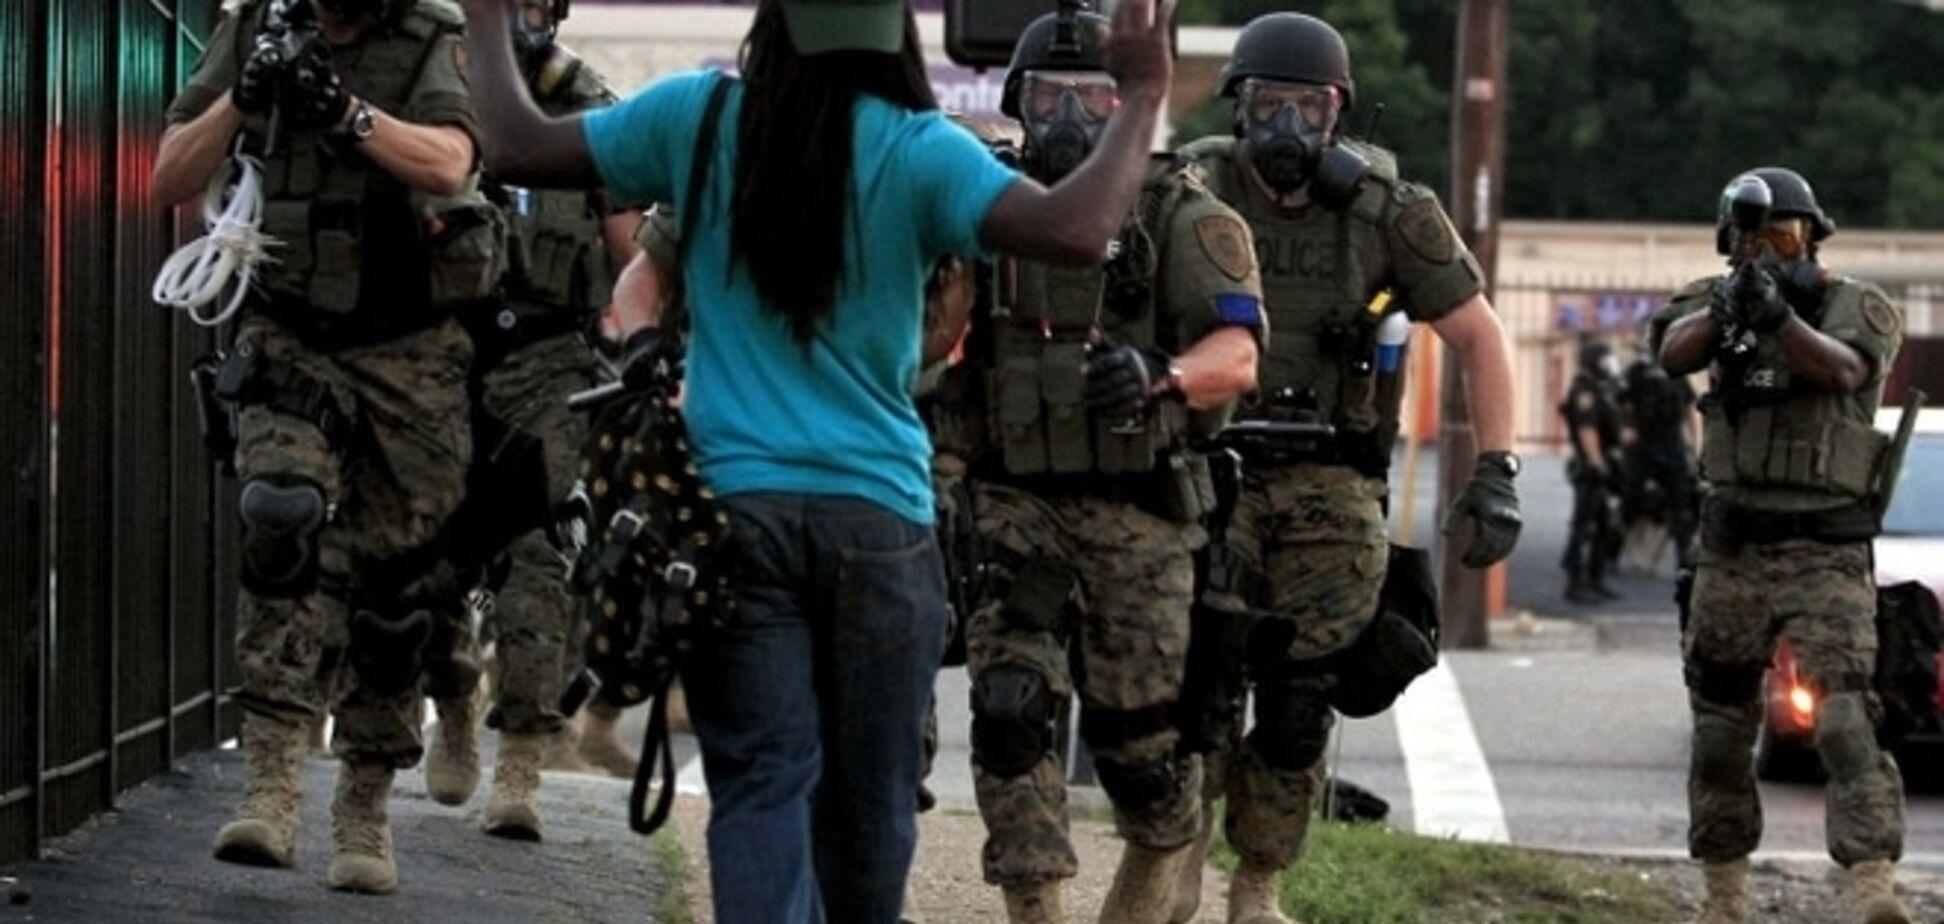 Нові заворушення у Фергюсоні: на 'мирному зібранні' постраждали троє поліцейських